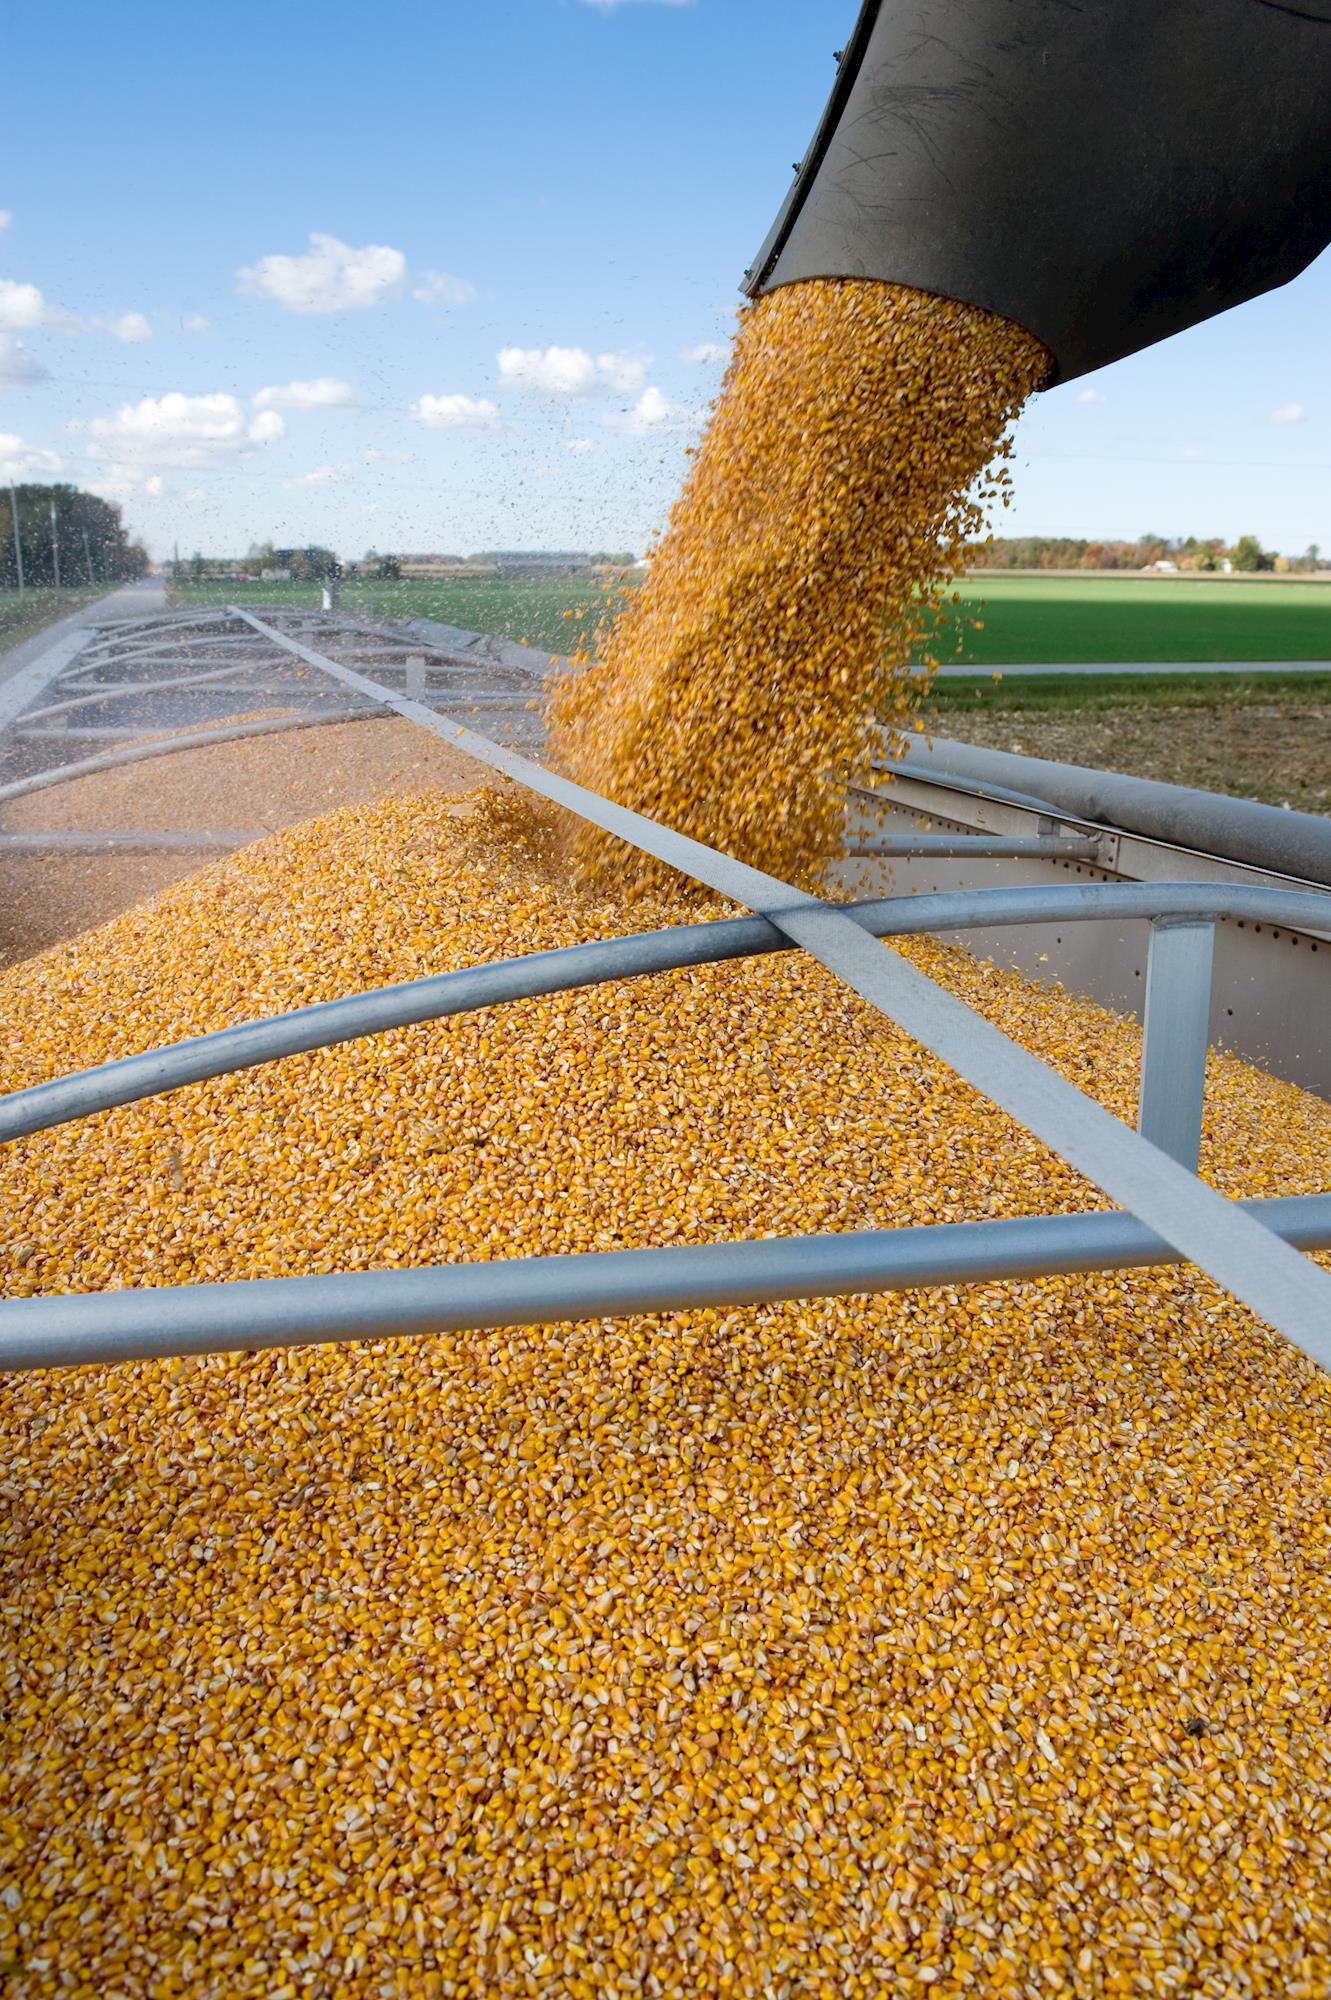 Produção de grãos deve alcançar 235,3 milhões de toneladas